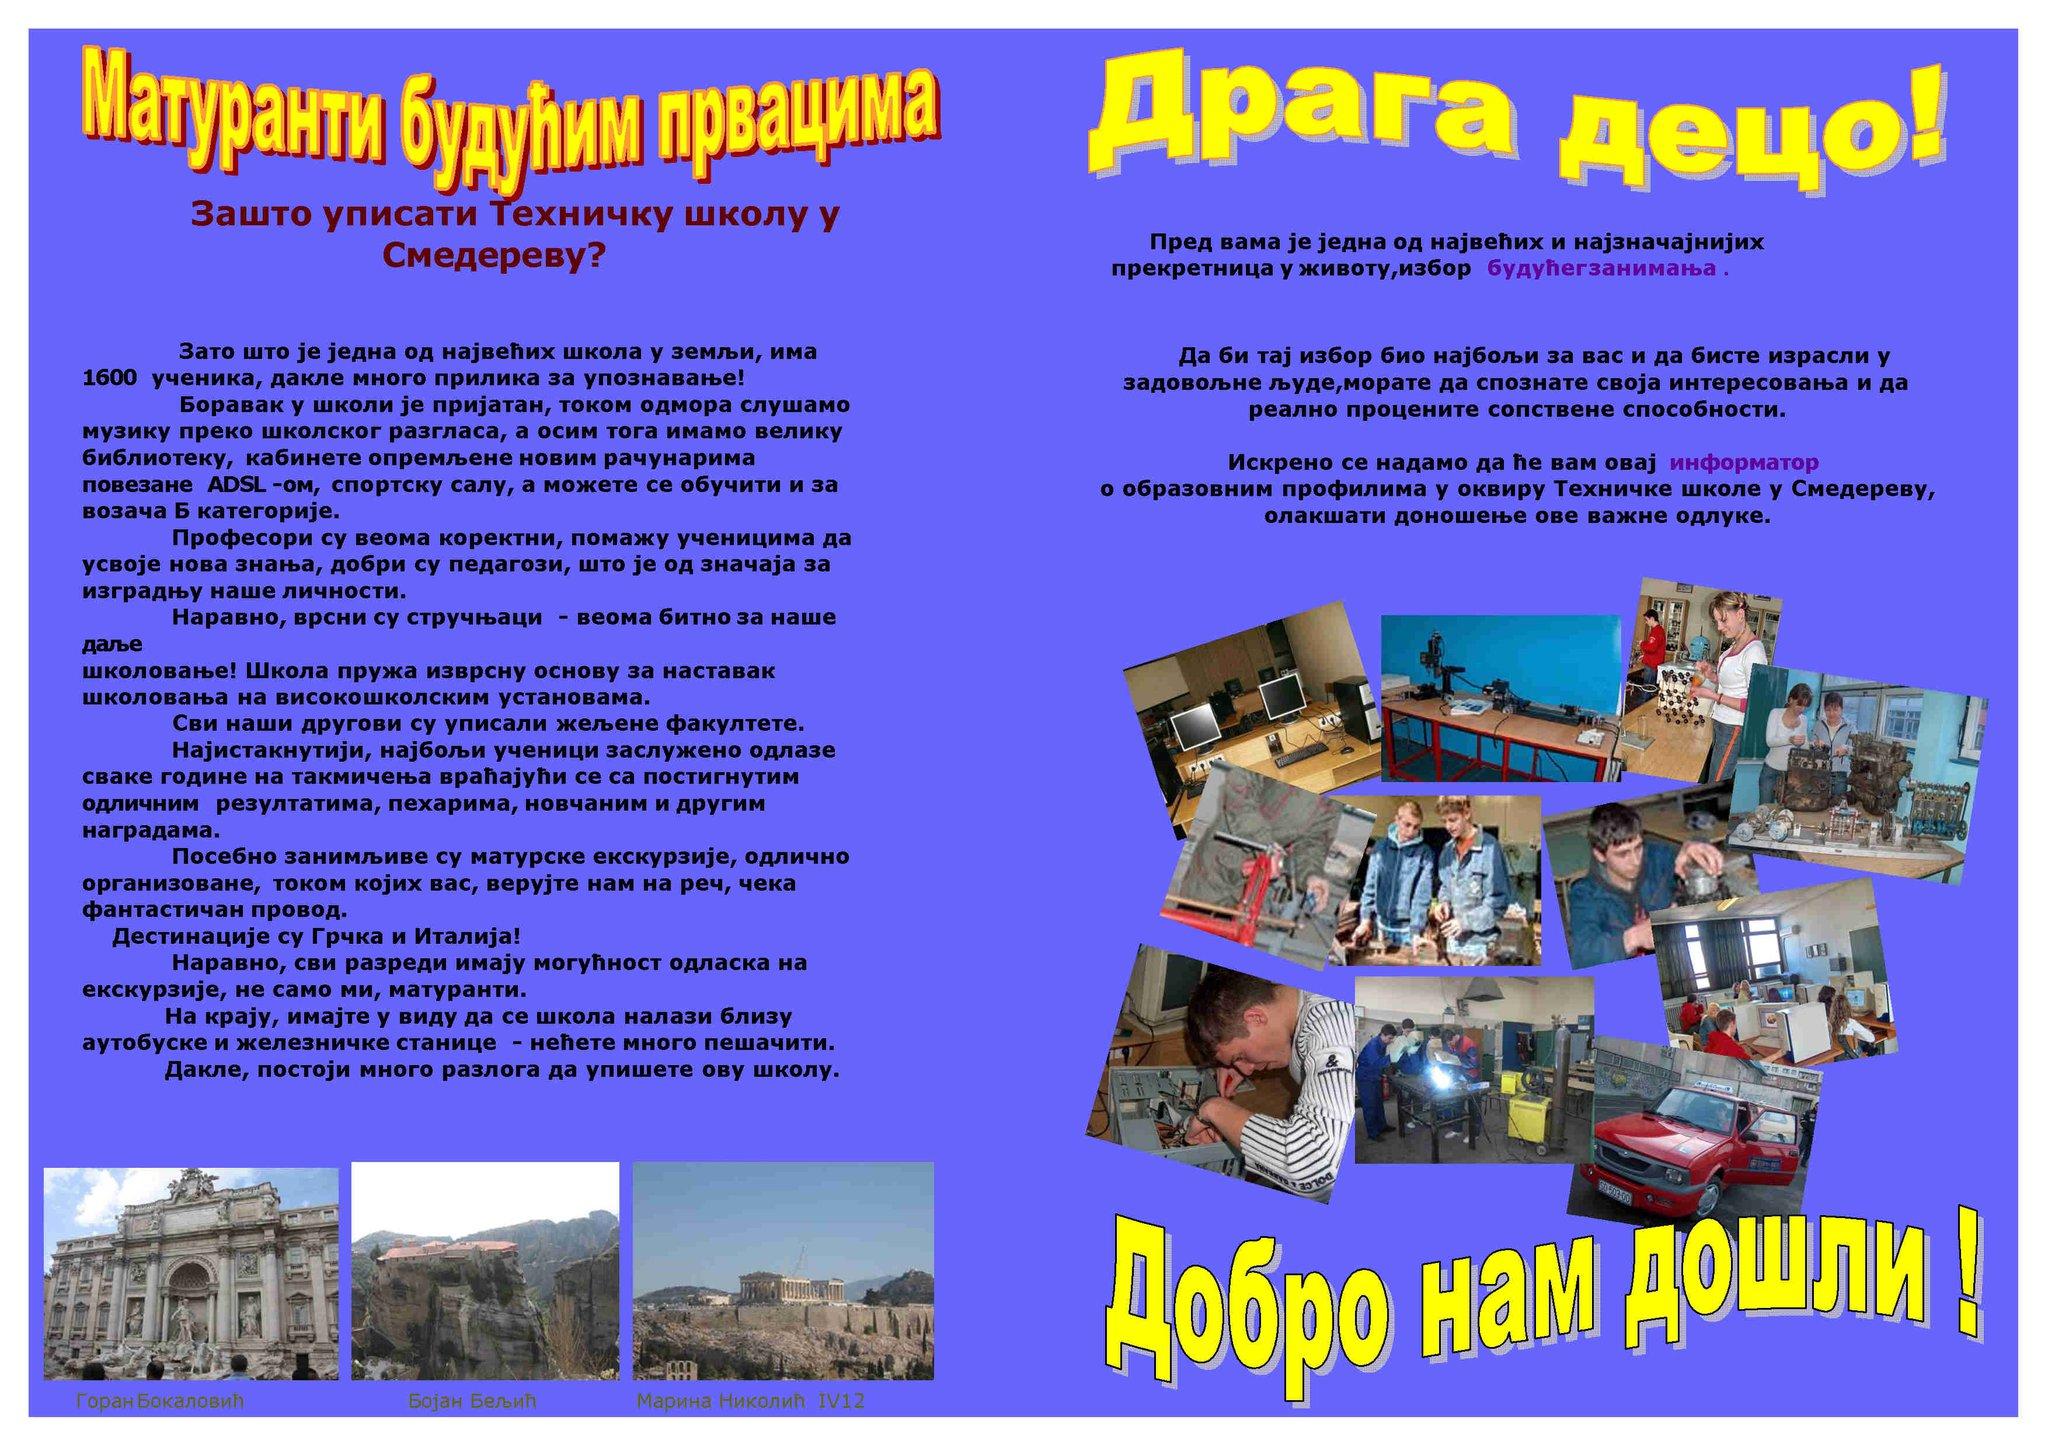 Tehnicka Skola Smederevo